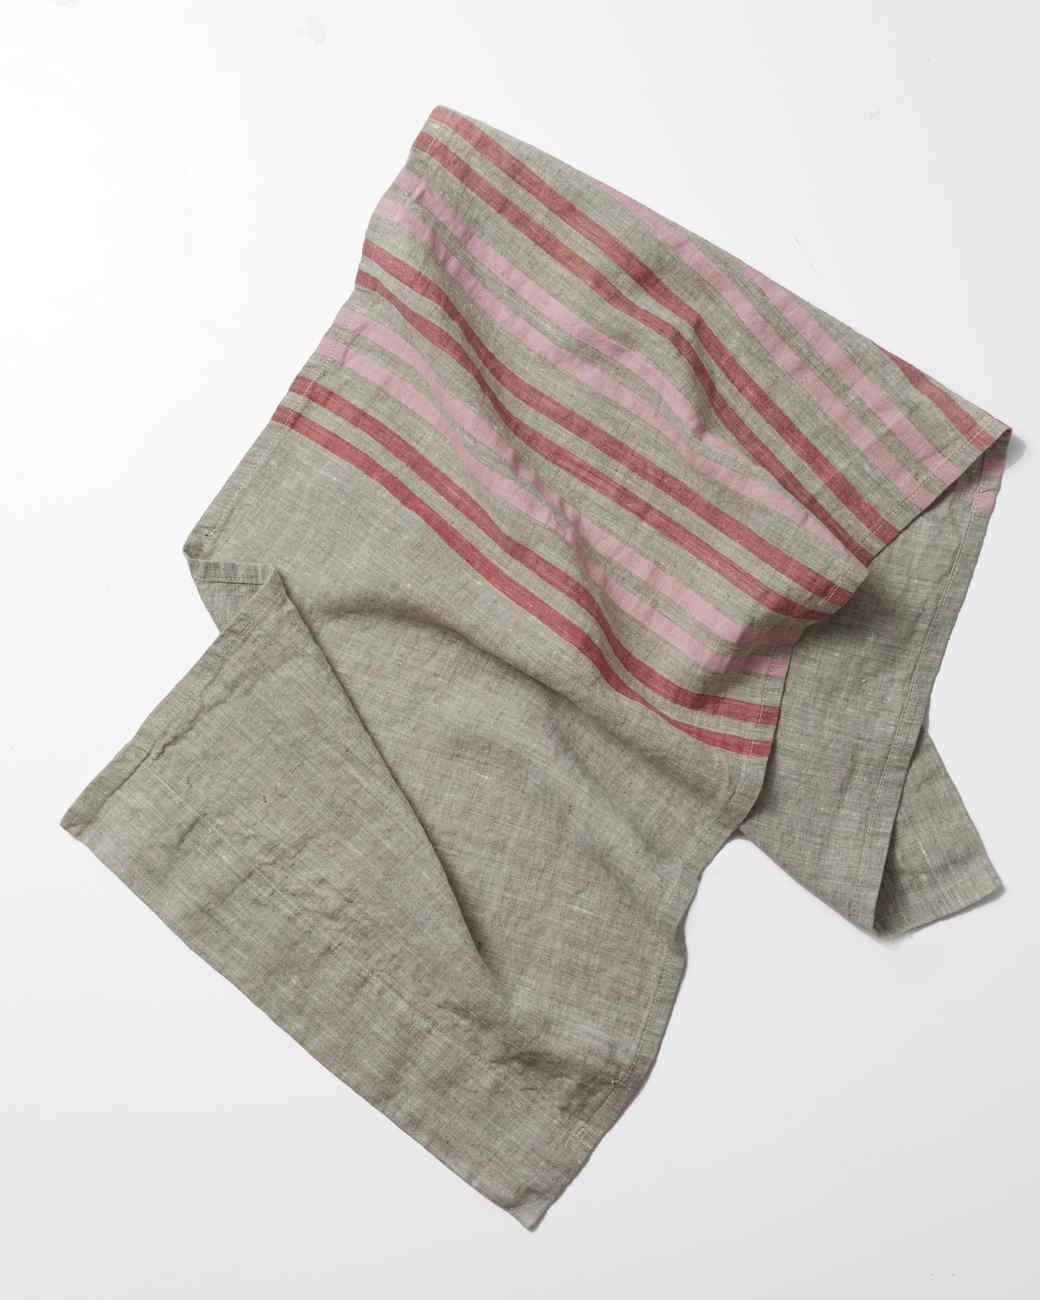 table-linen-red-stripe-093-d111535-1214.jpg